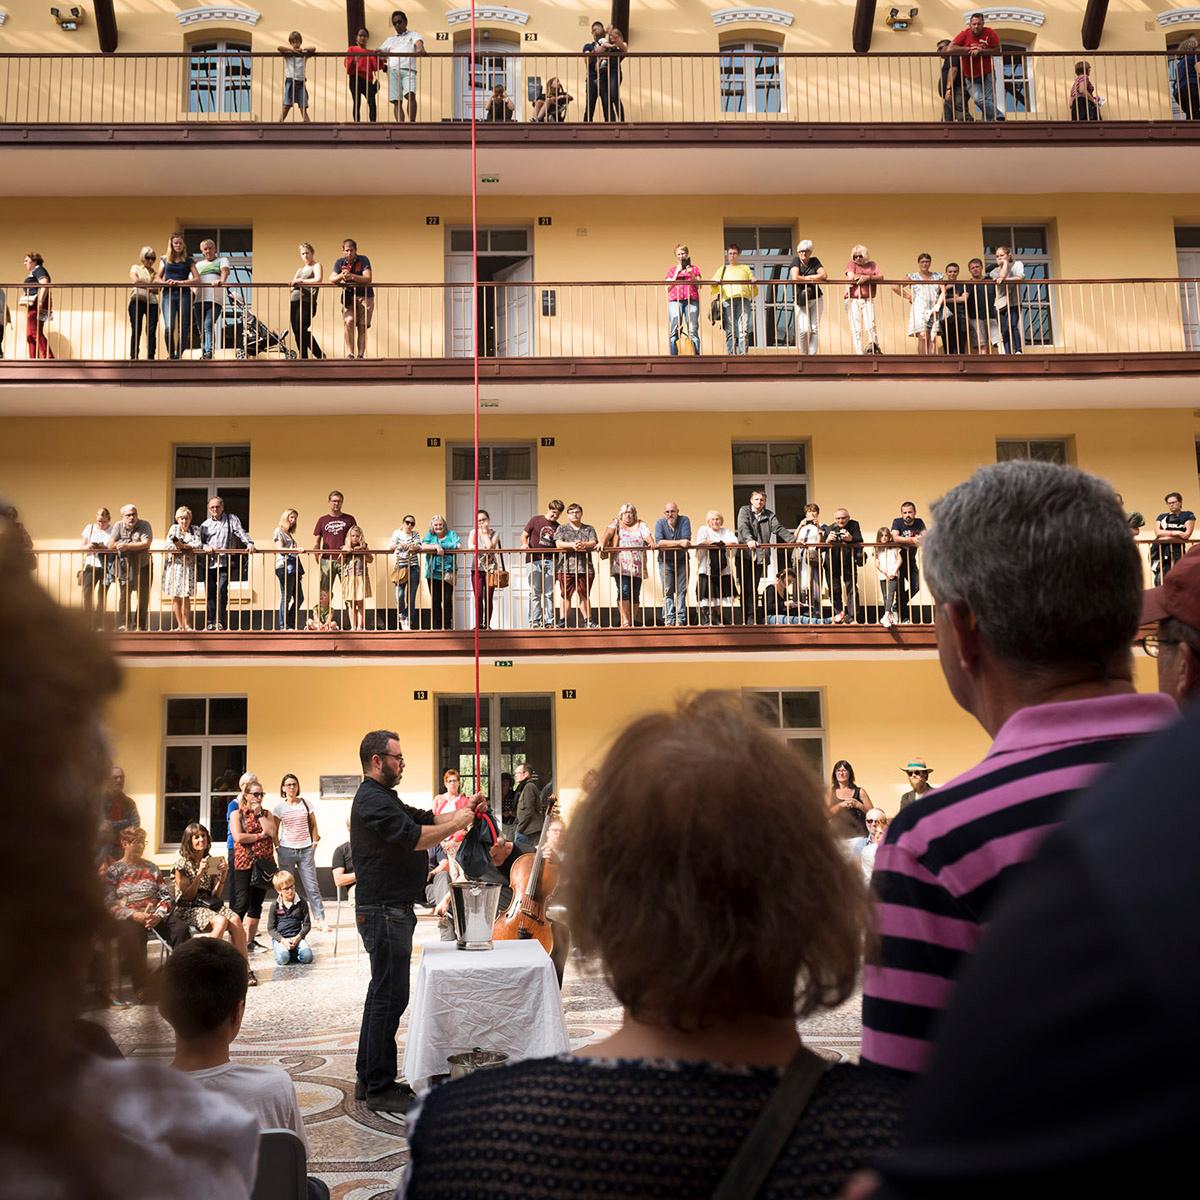 La photographie montre Olivier Darné au centre de la cour du pavillon central